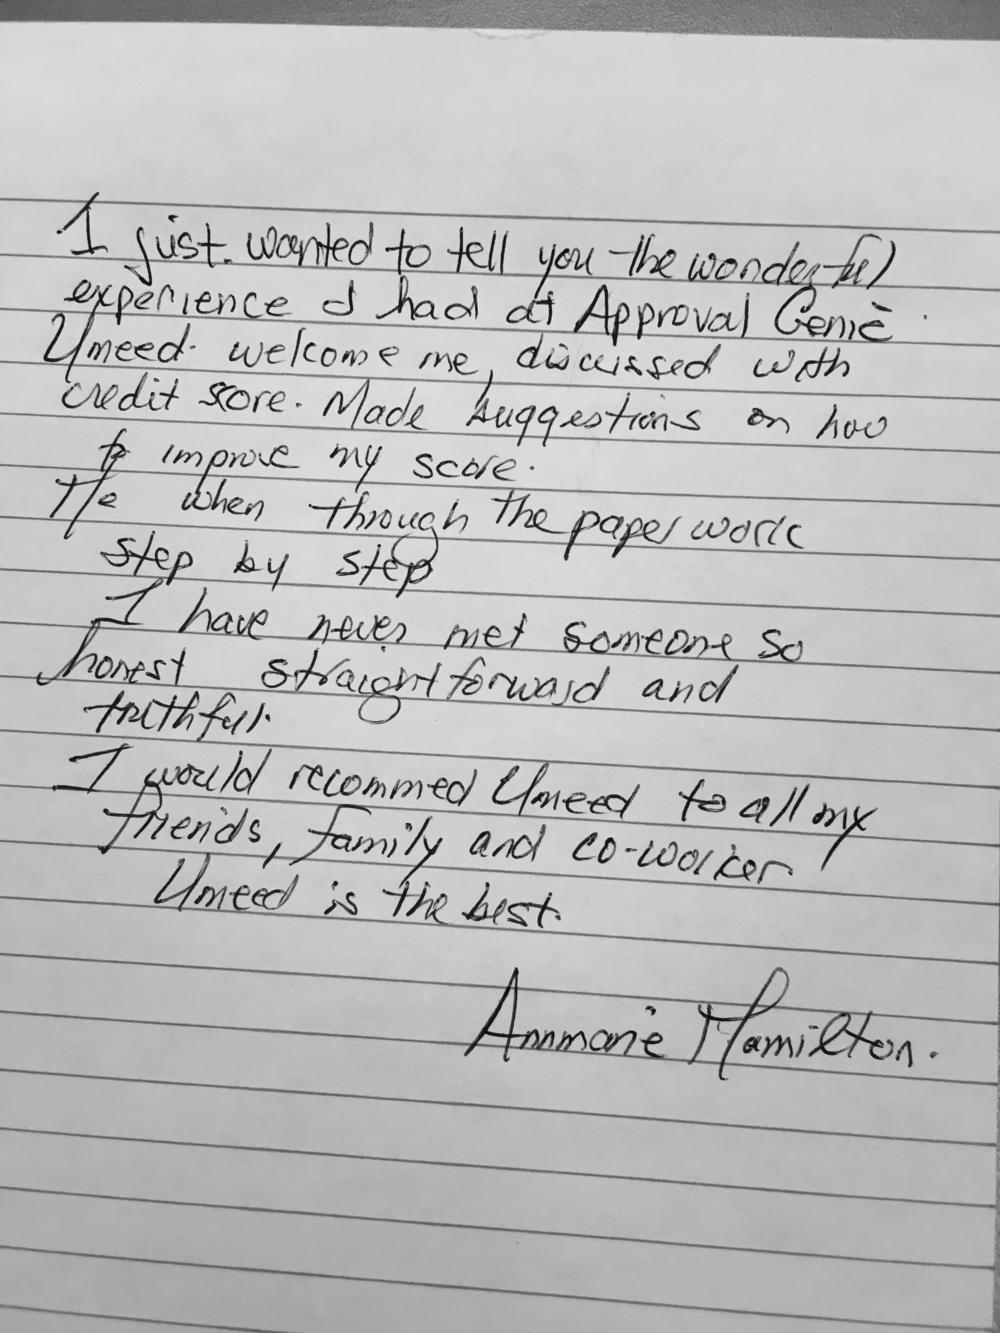 Annmarie Hamilton_Testimonial.jpg